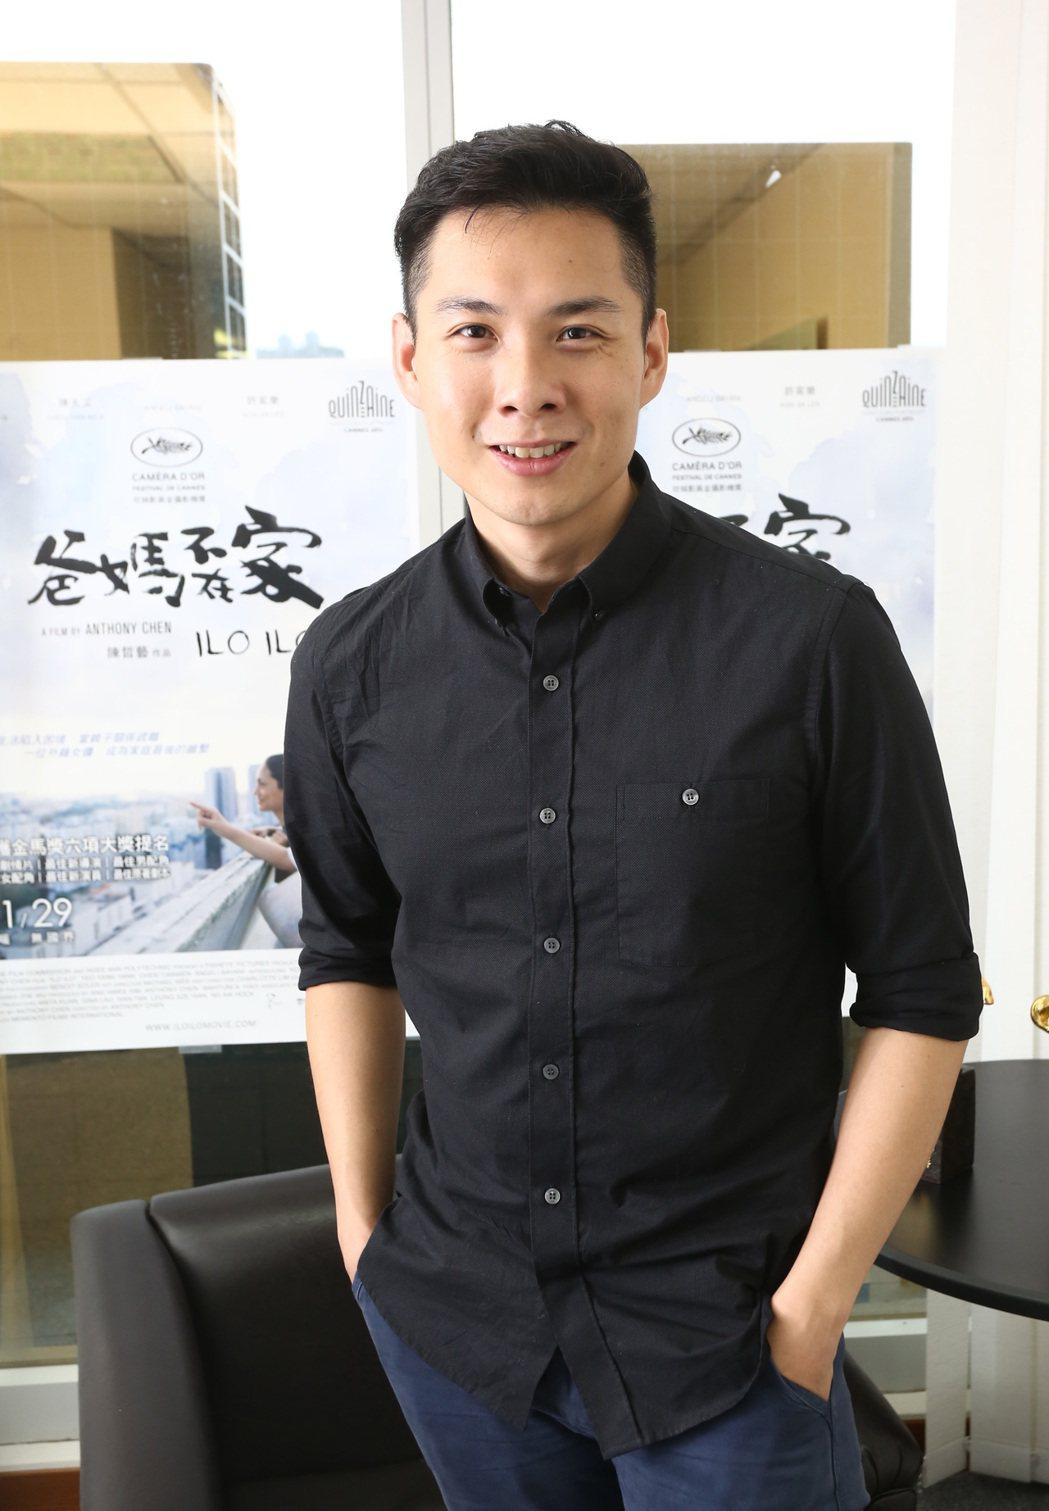 新加坡導演陳哲藝曾以「爸媽不在家」奪得金馬獎最佳新導演獎,今年再以「熱帶雨」入圍